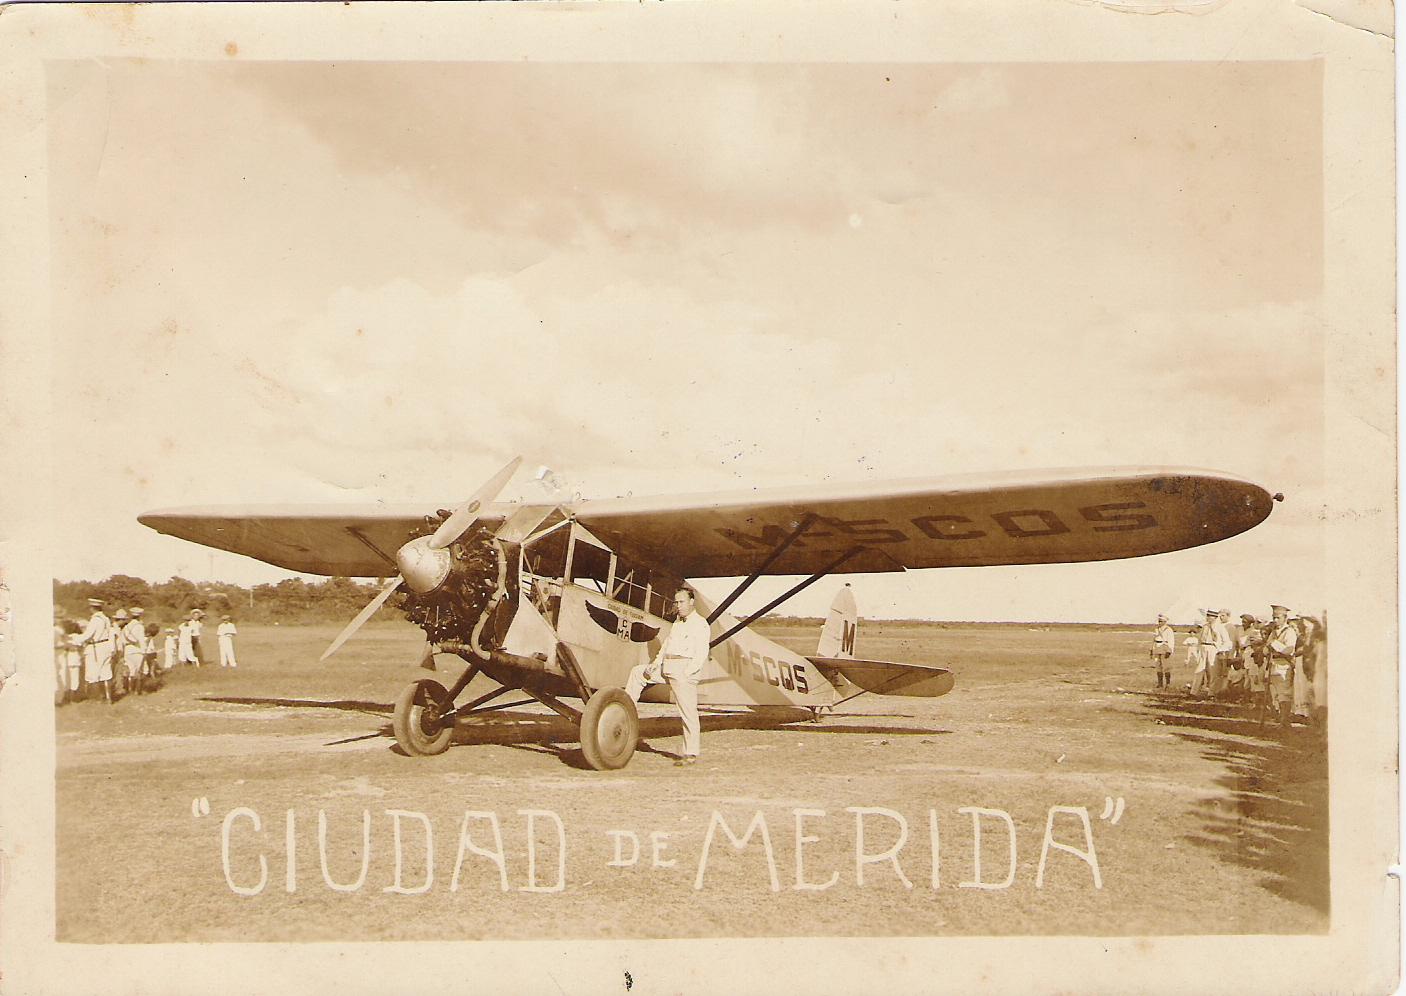 8. Avión Fairchild Ciudad de Mérida y el piloto americano B